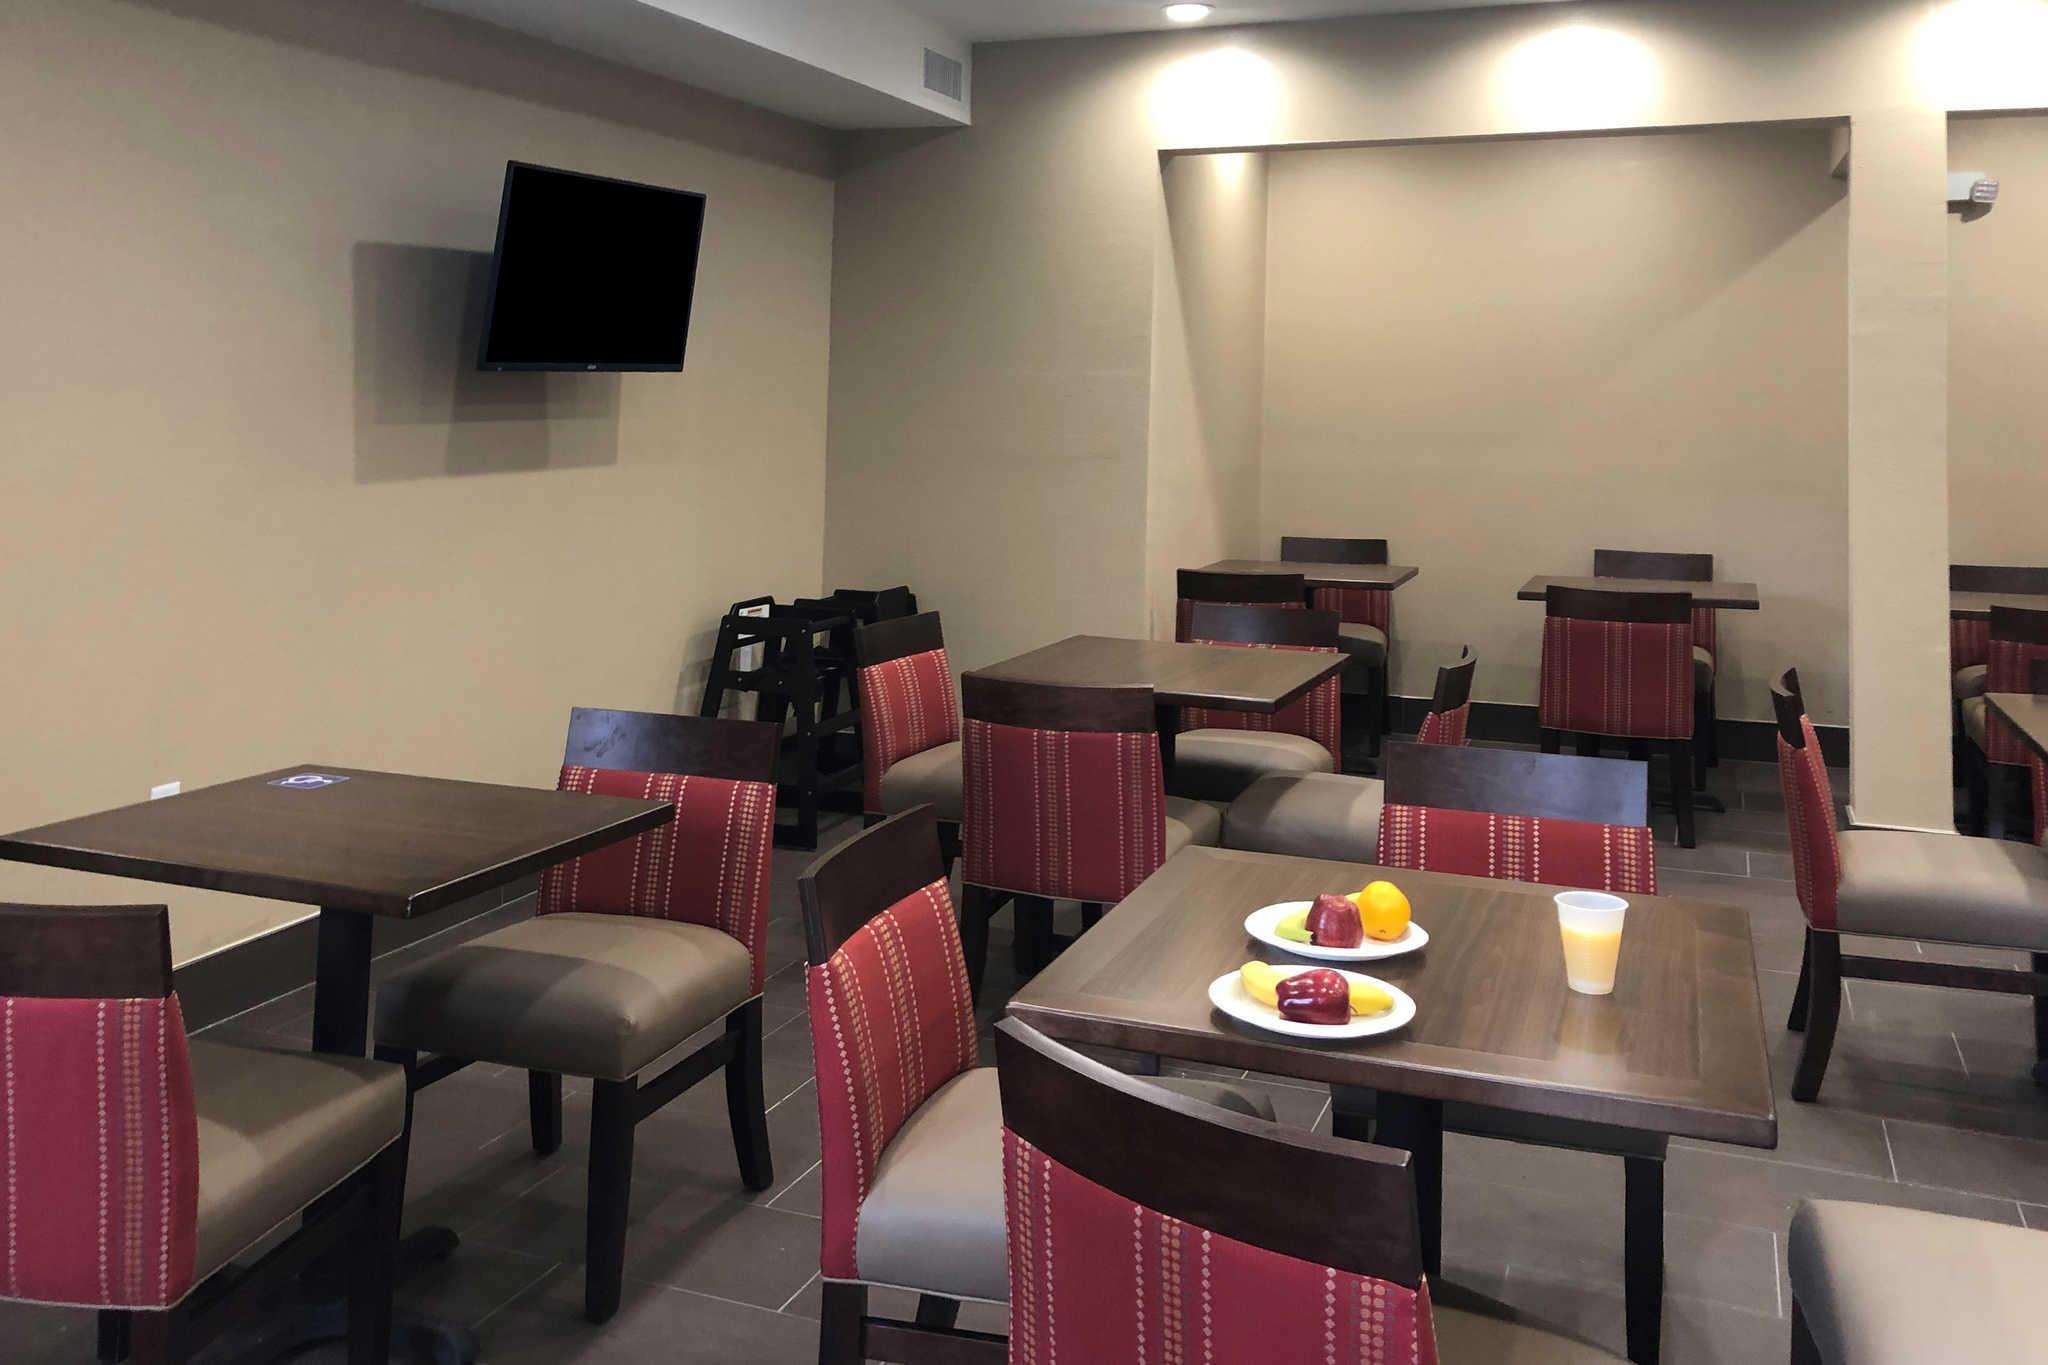 Comfort Inn & Suites Orange County John Wayne Airport image 17